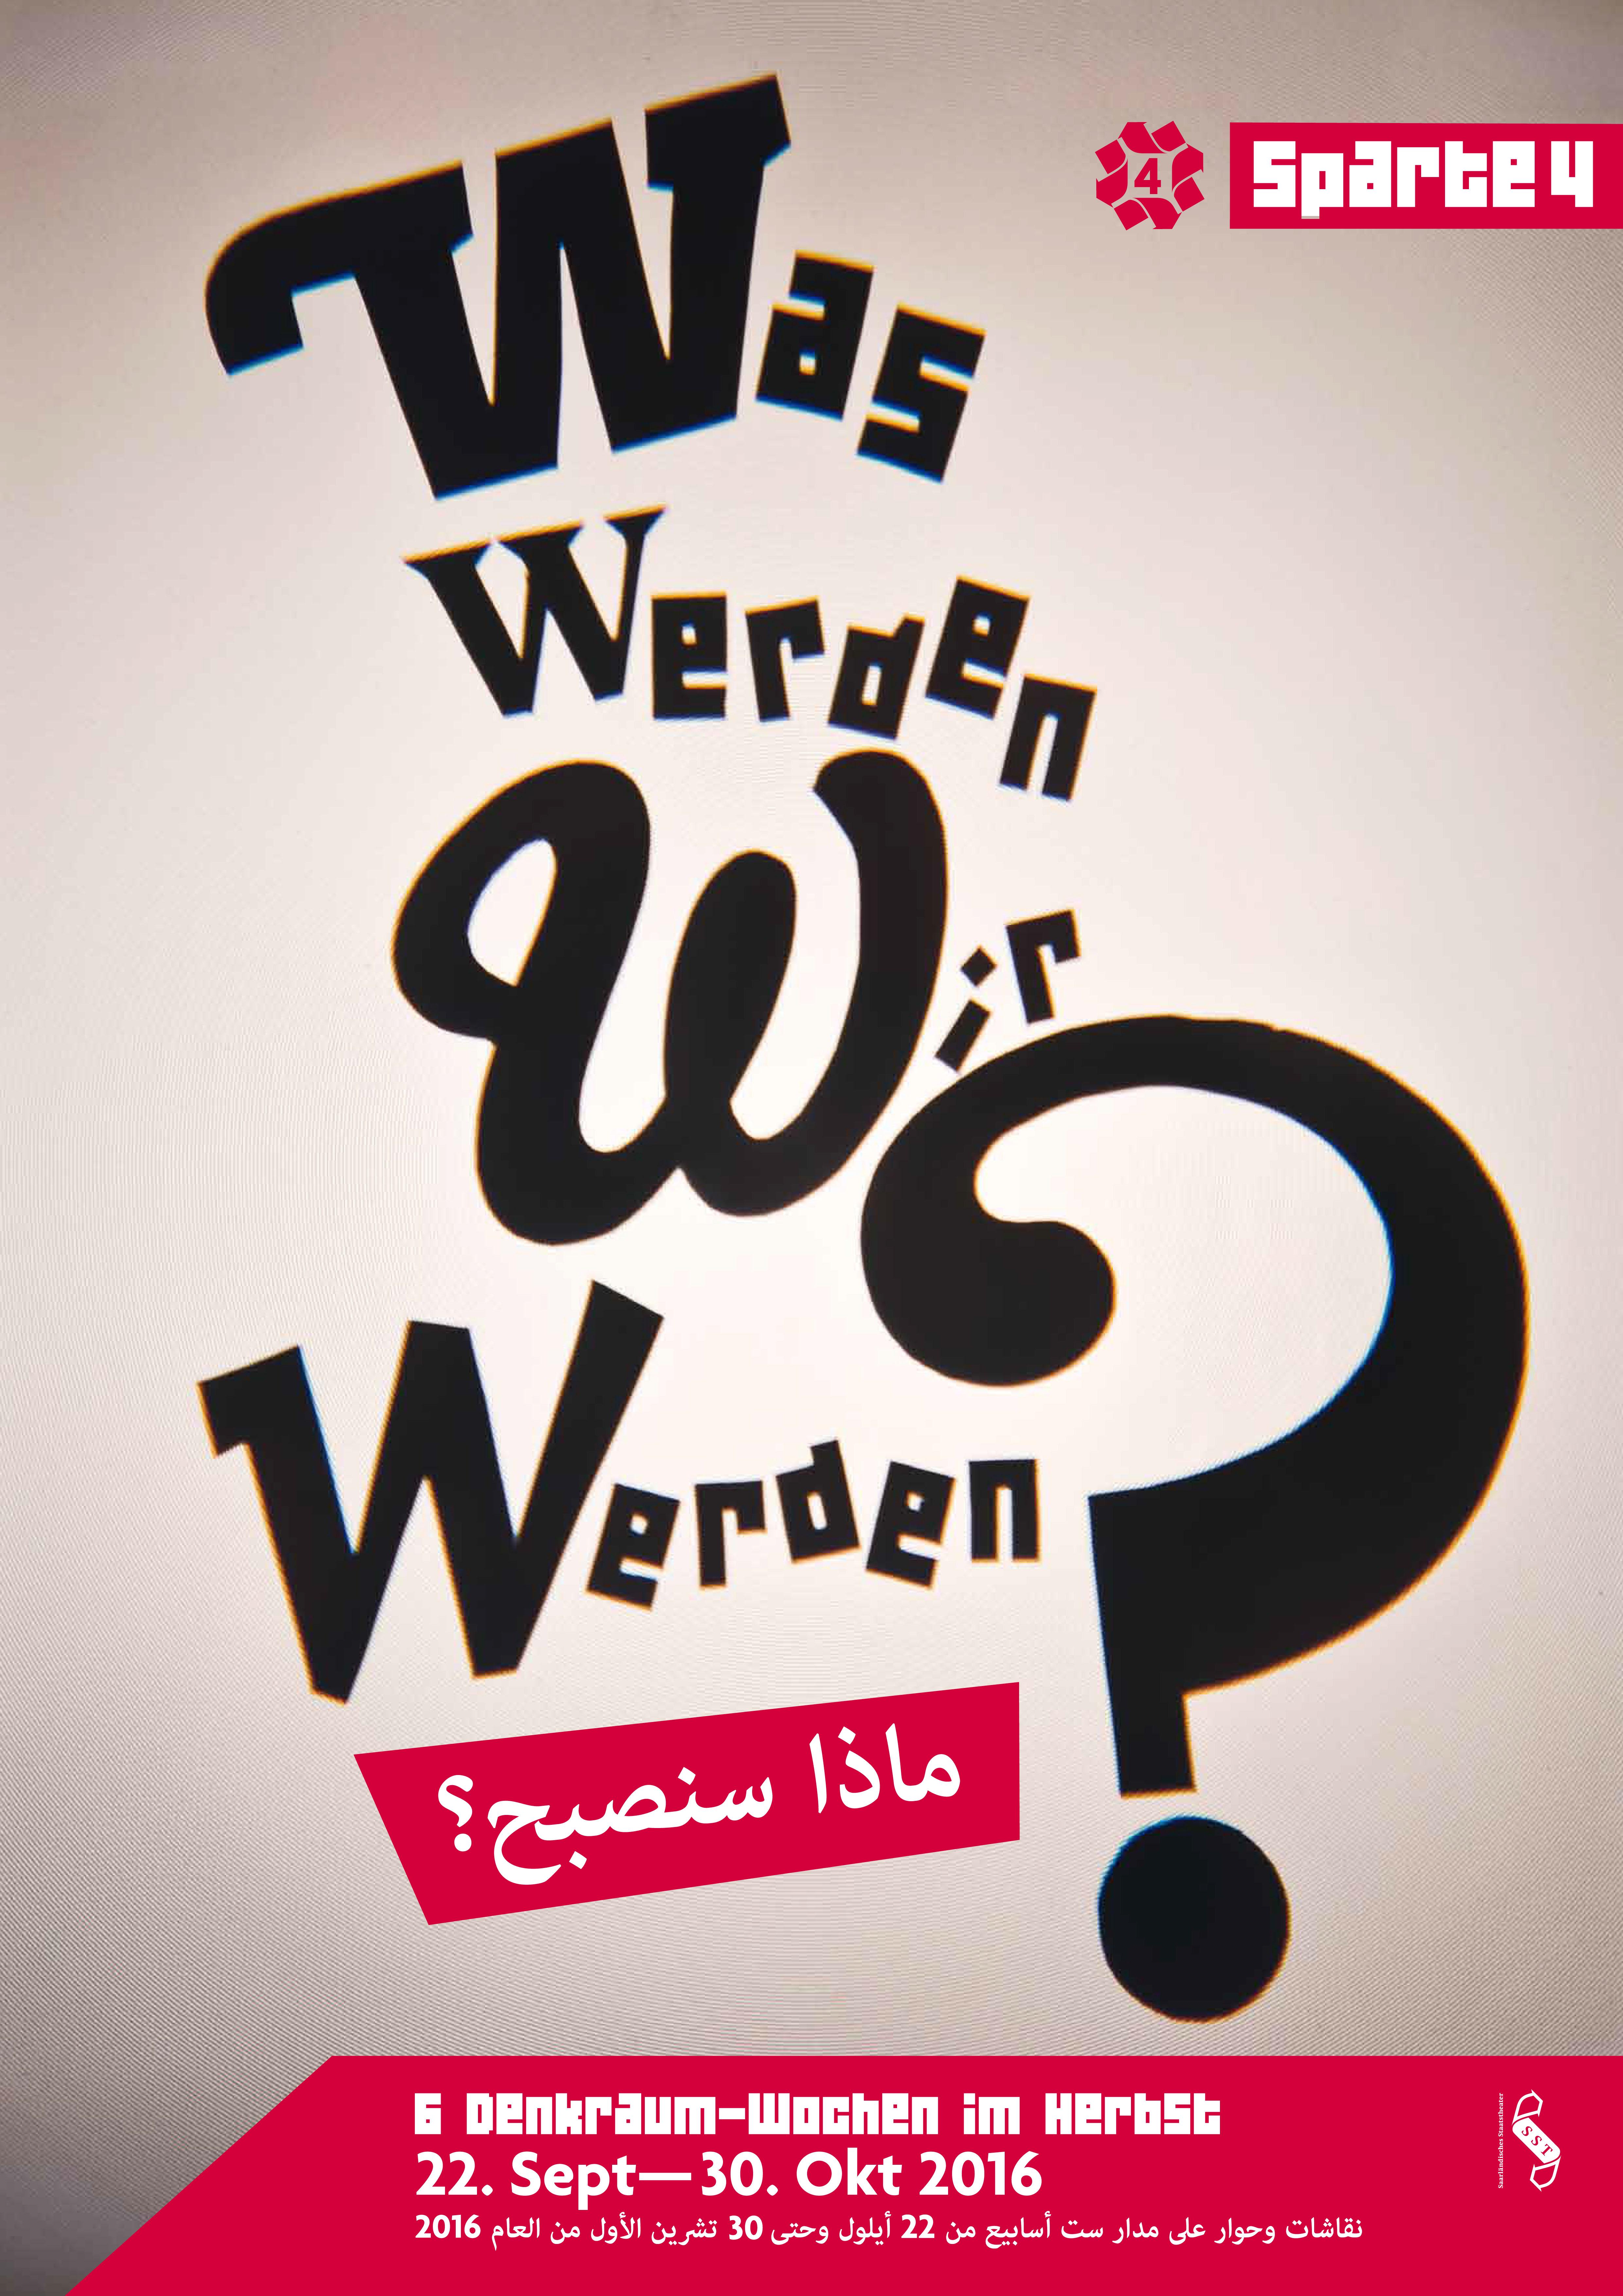 wwwwplakat